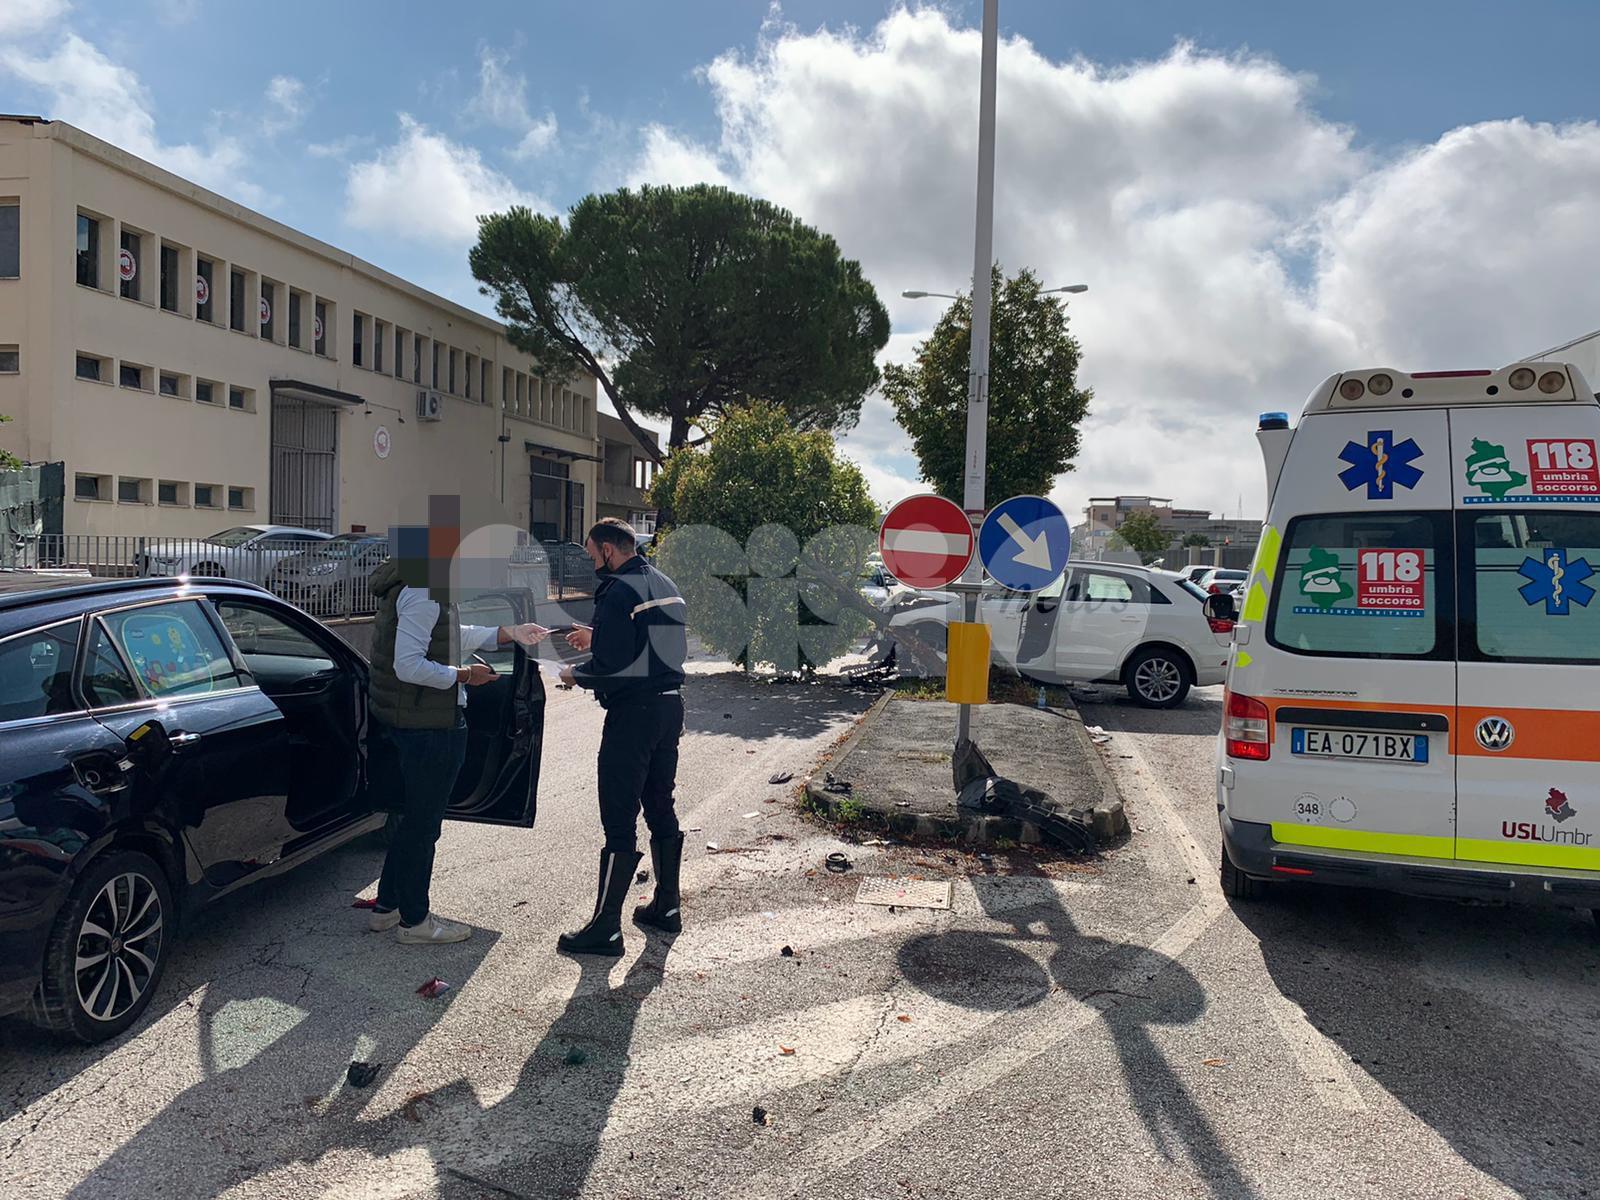 Incidente a Bastia Umbra, un ferito in ospedale